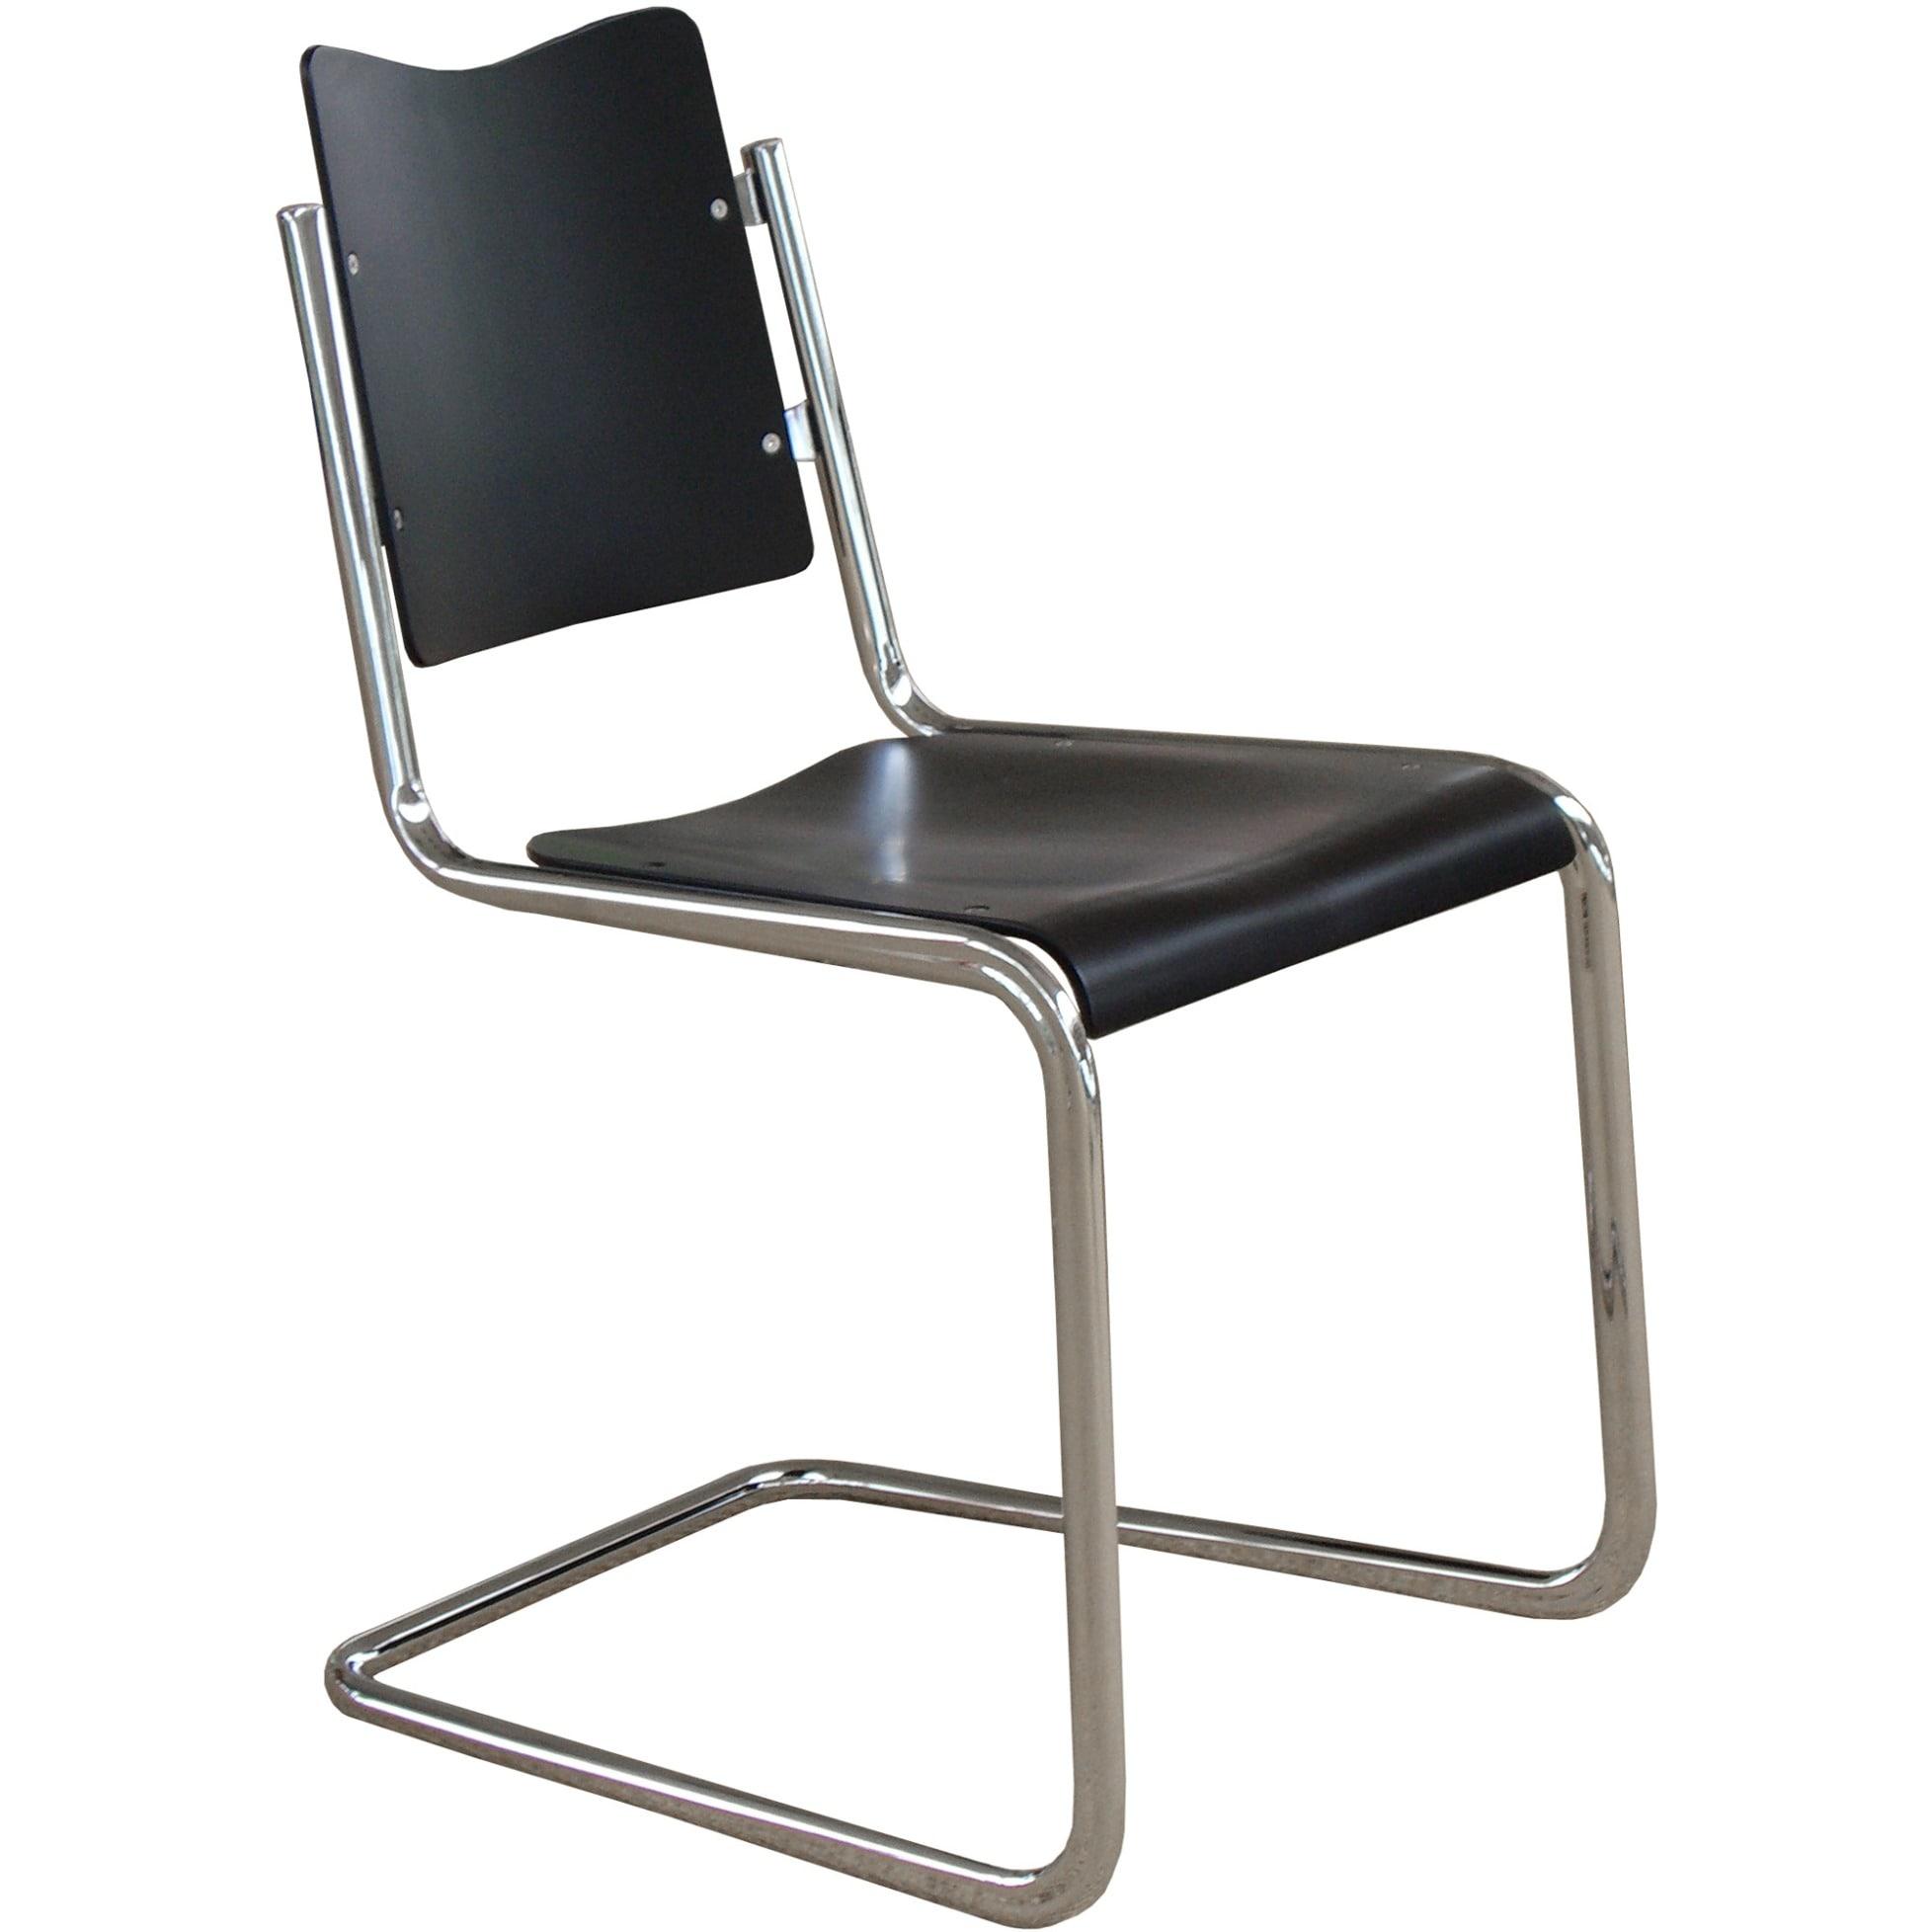 tecta b11 kragstuhl. Black Bedroom Furniture Sets. Home Design Ideas